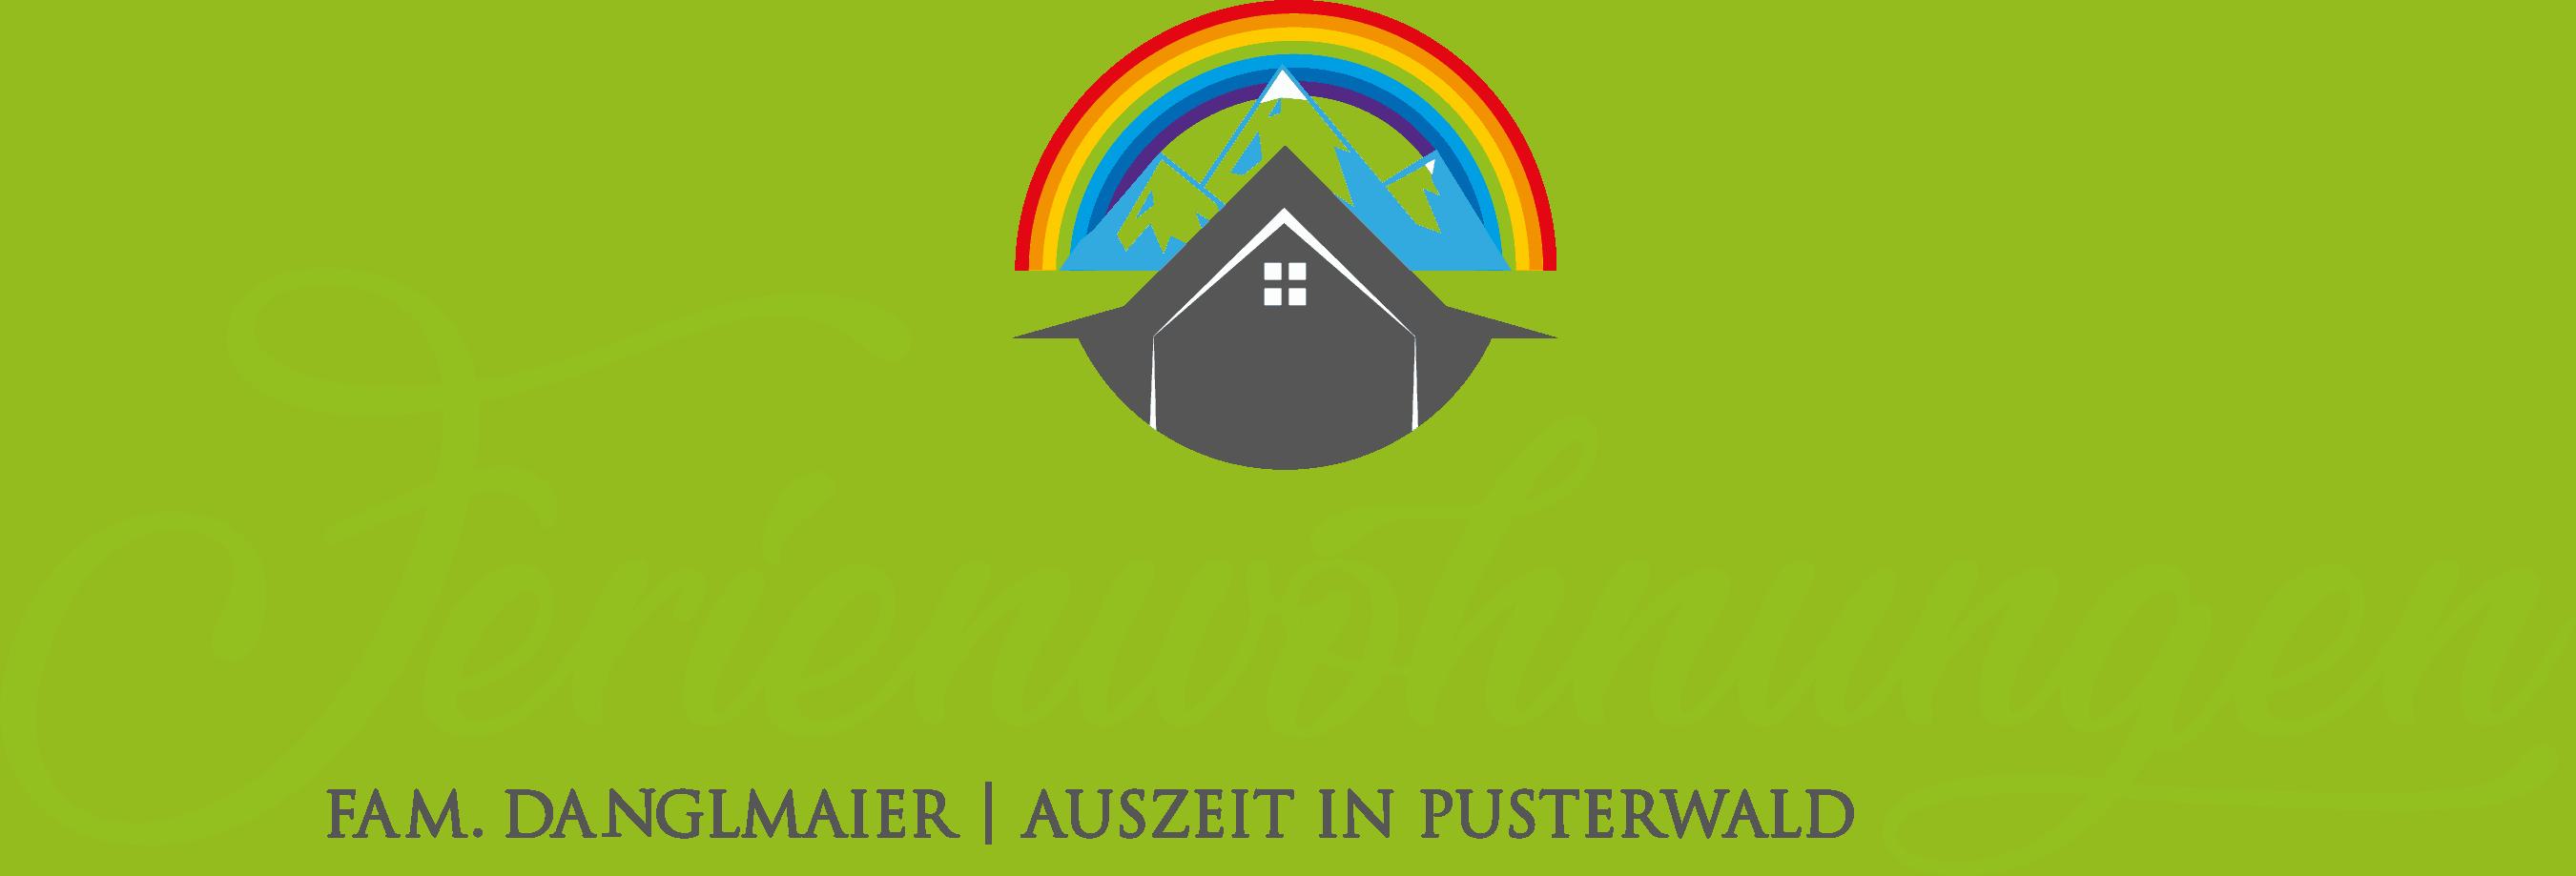 Ferienwohnungen Danglmaier Logo